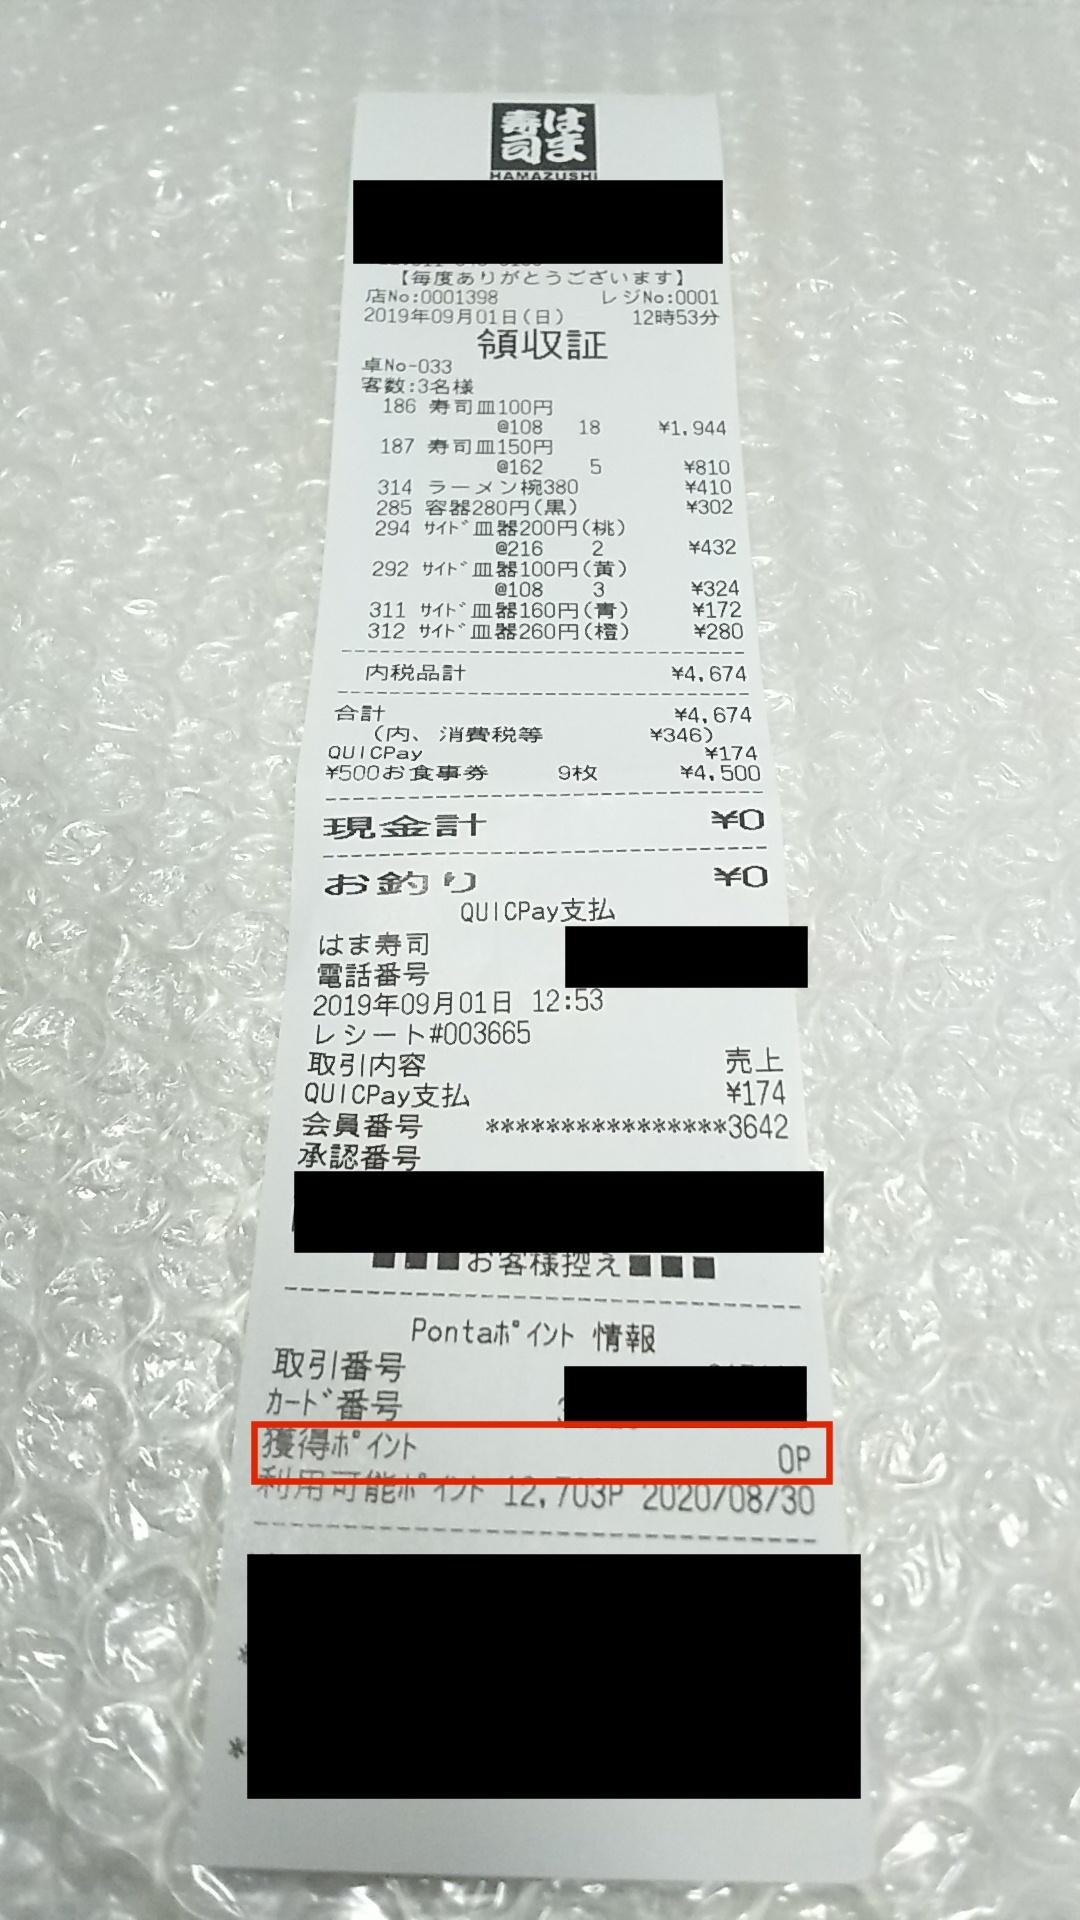 払い は ま 寿司 d dポイントのご利用について